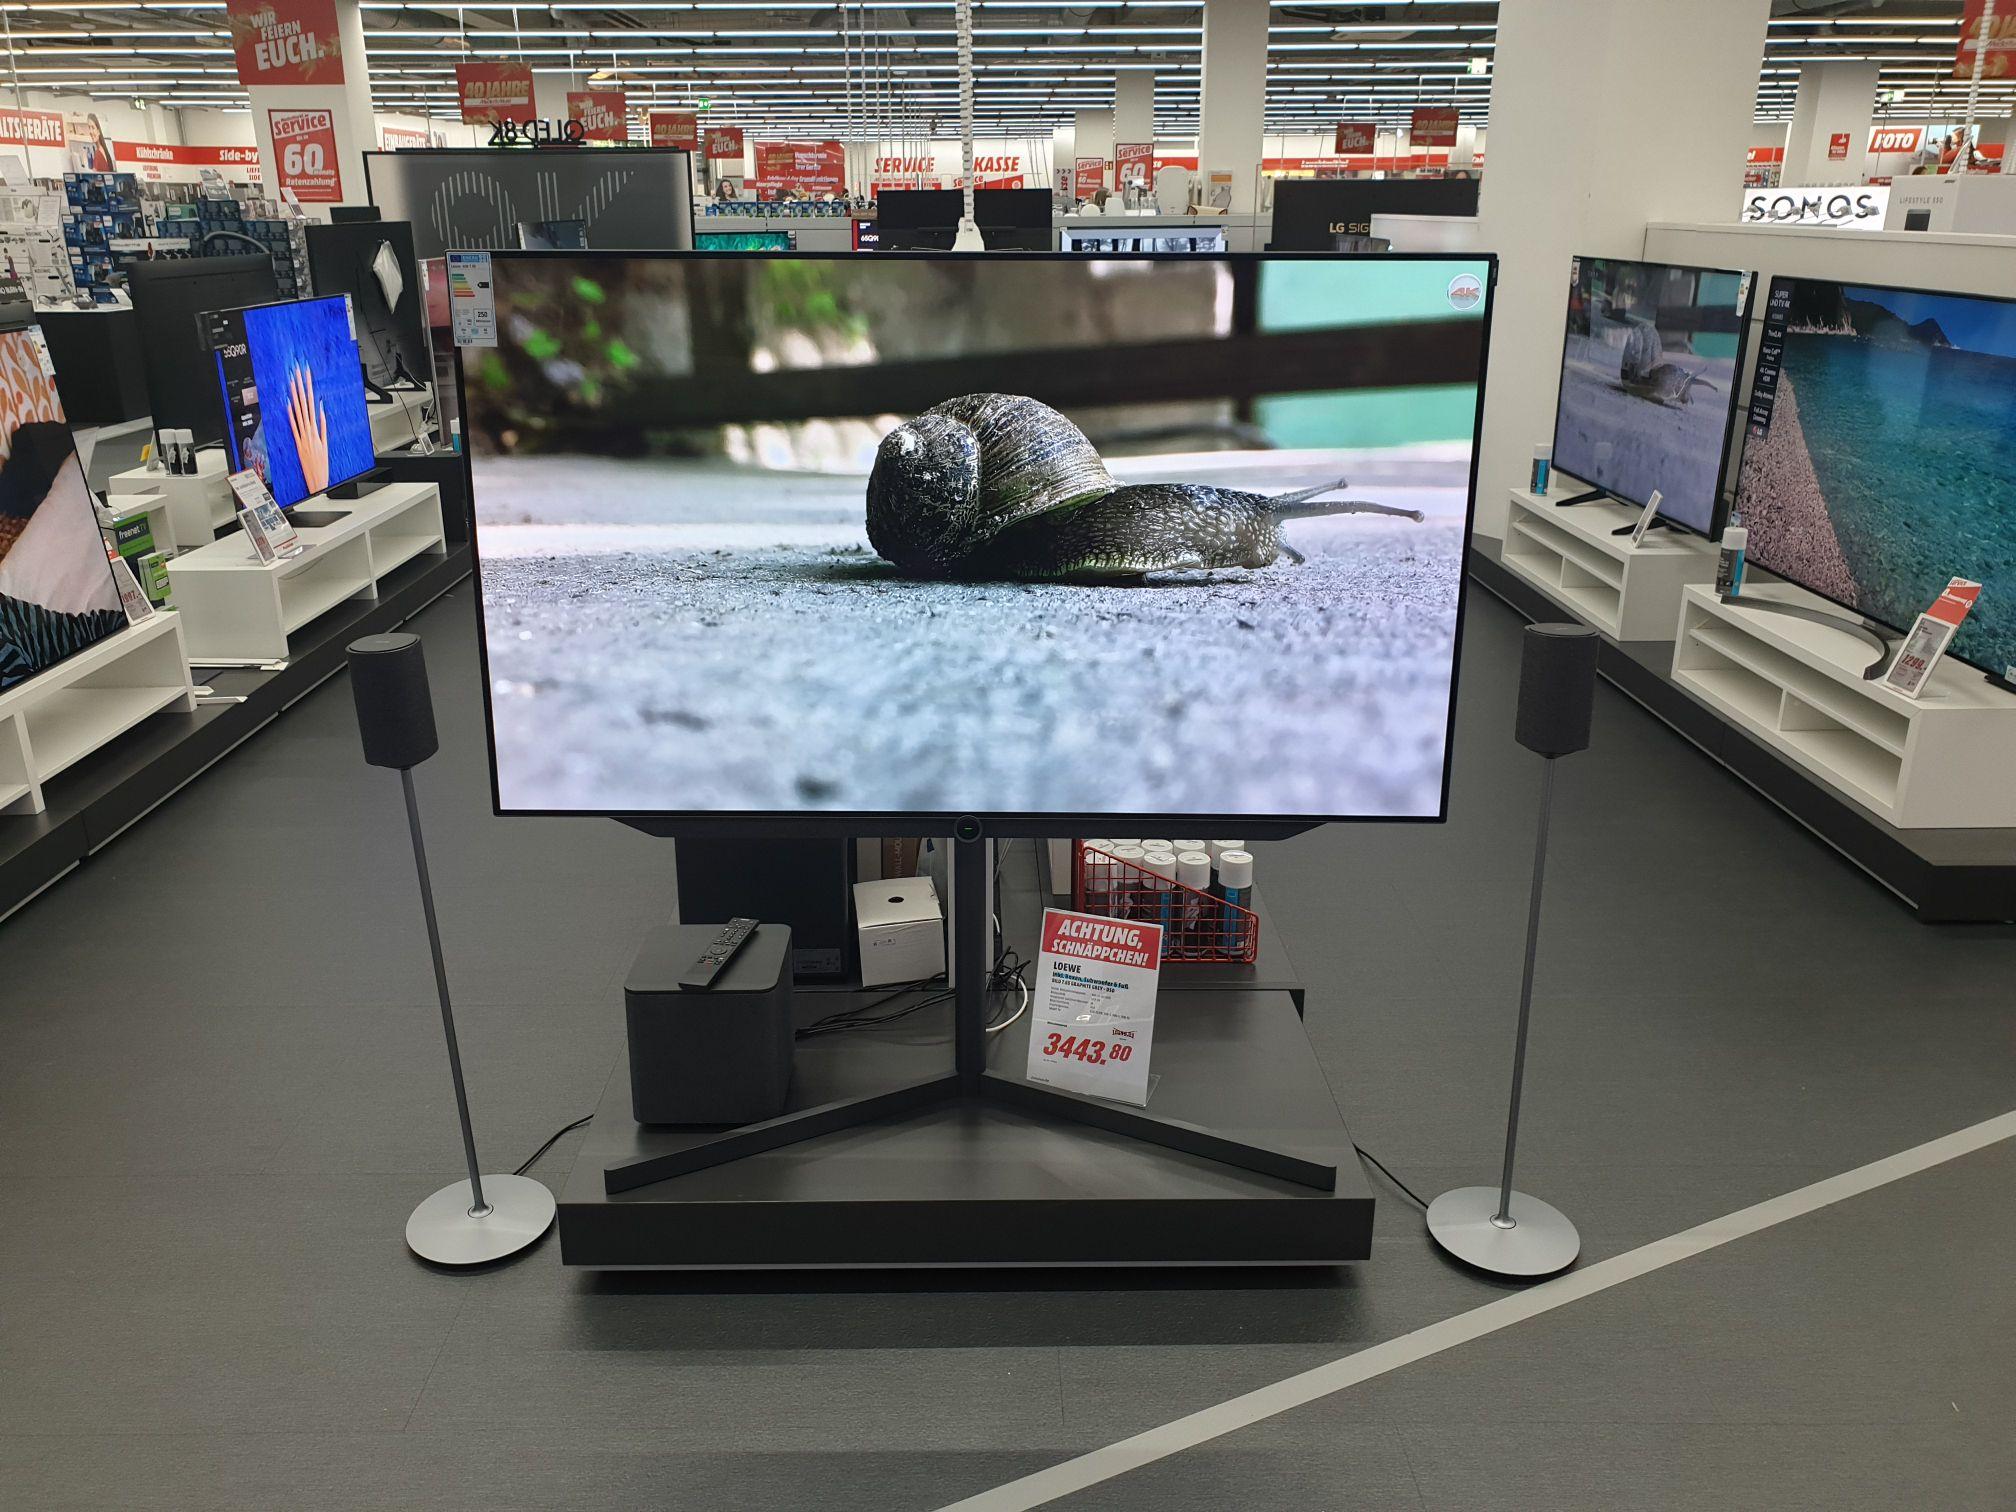 Loewe Bild 7.65 inkl. Boxen und Fuß  Bildschirmdiagonale 164cm Bildqualität UHD 4K